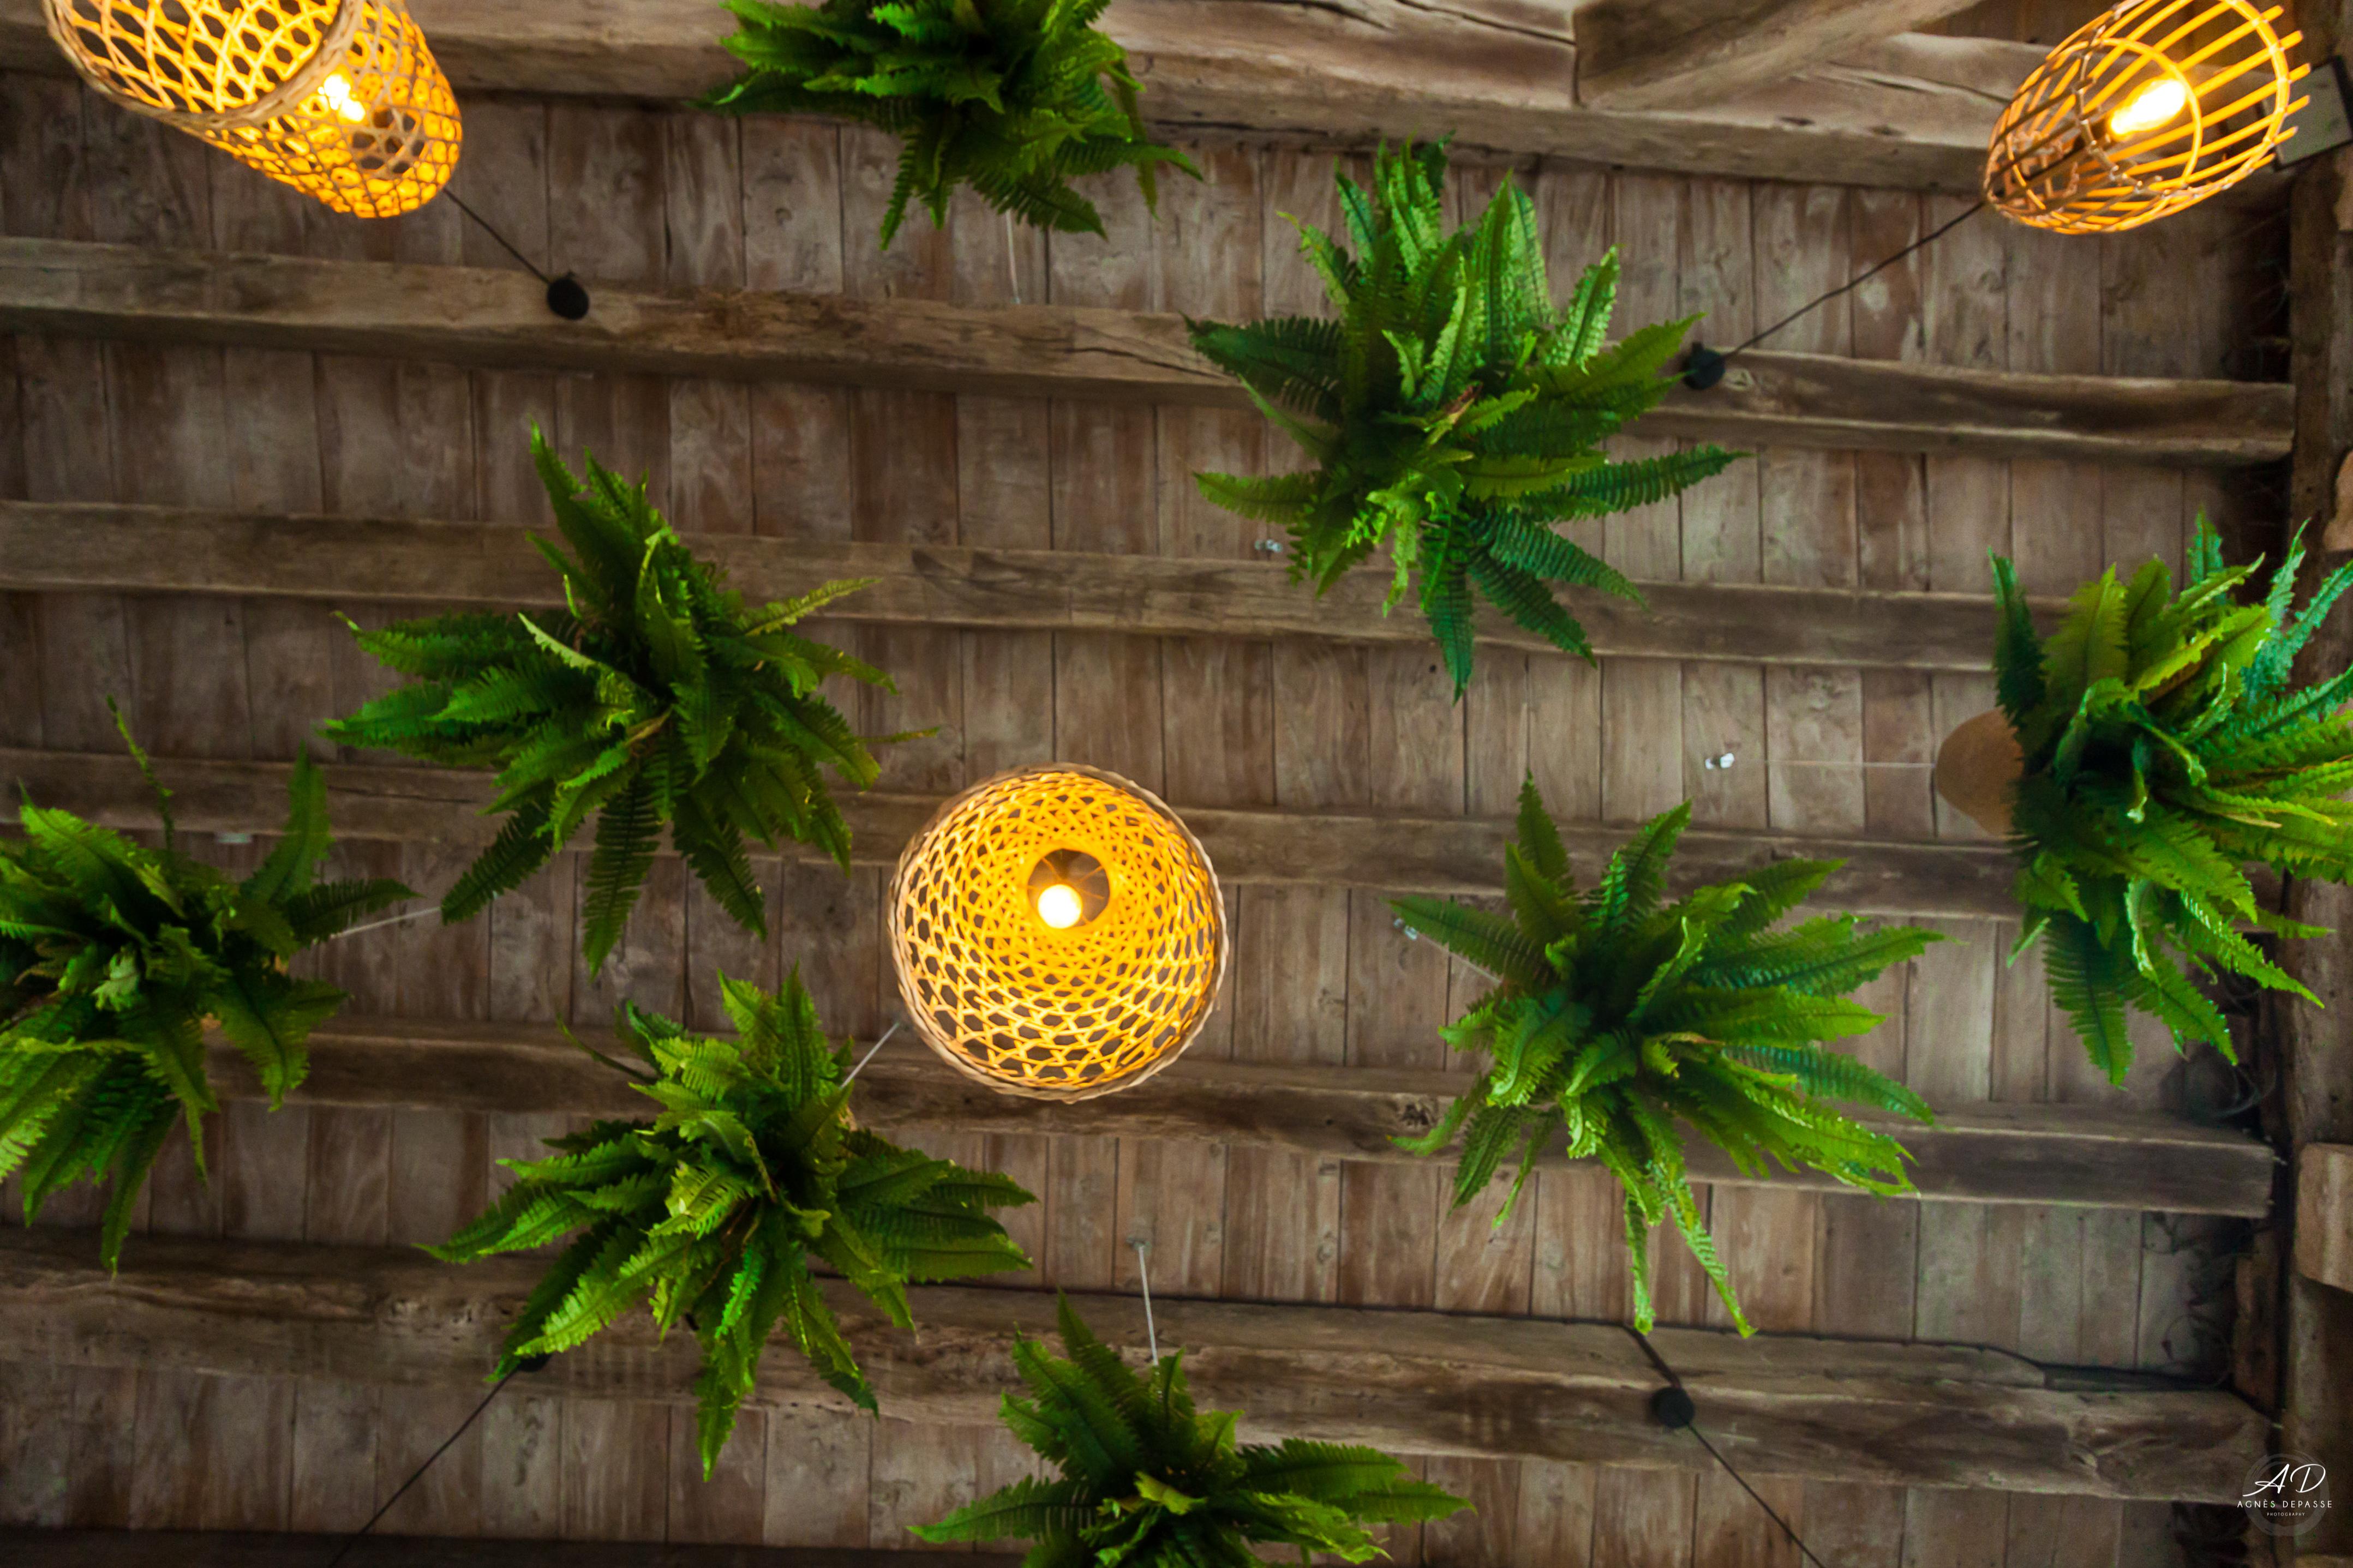 Plafond bois terrasse suspensions matières naturelles et fougères suspendues projet restaurant Paco Dada Eymet